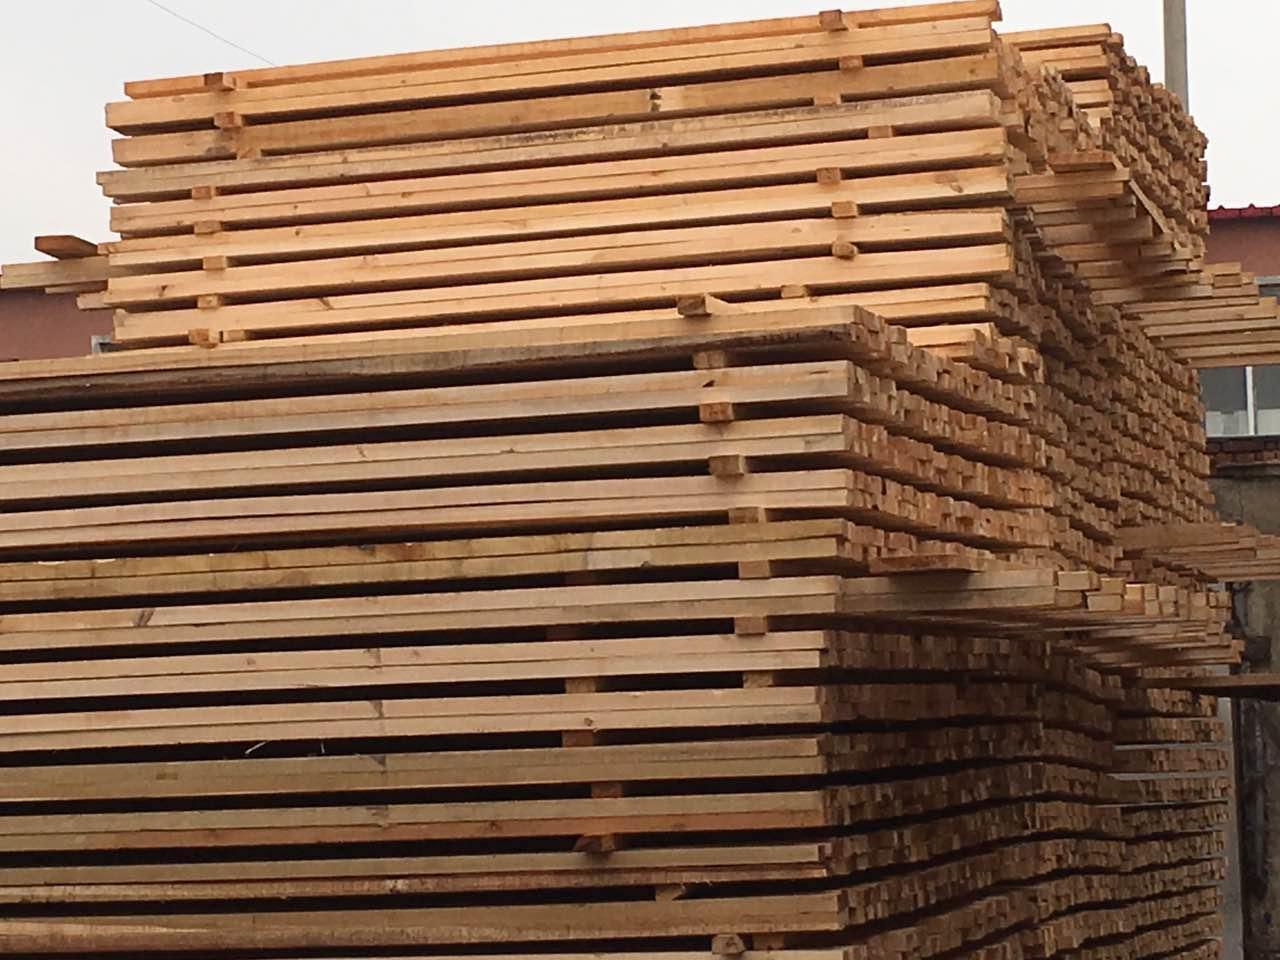 沈阳木材哪家比较好-沈阳建筑模板批发